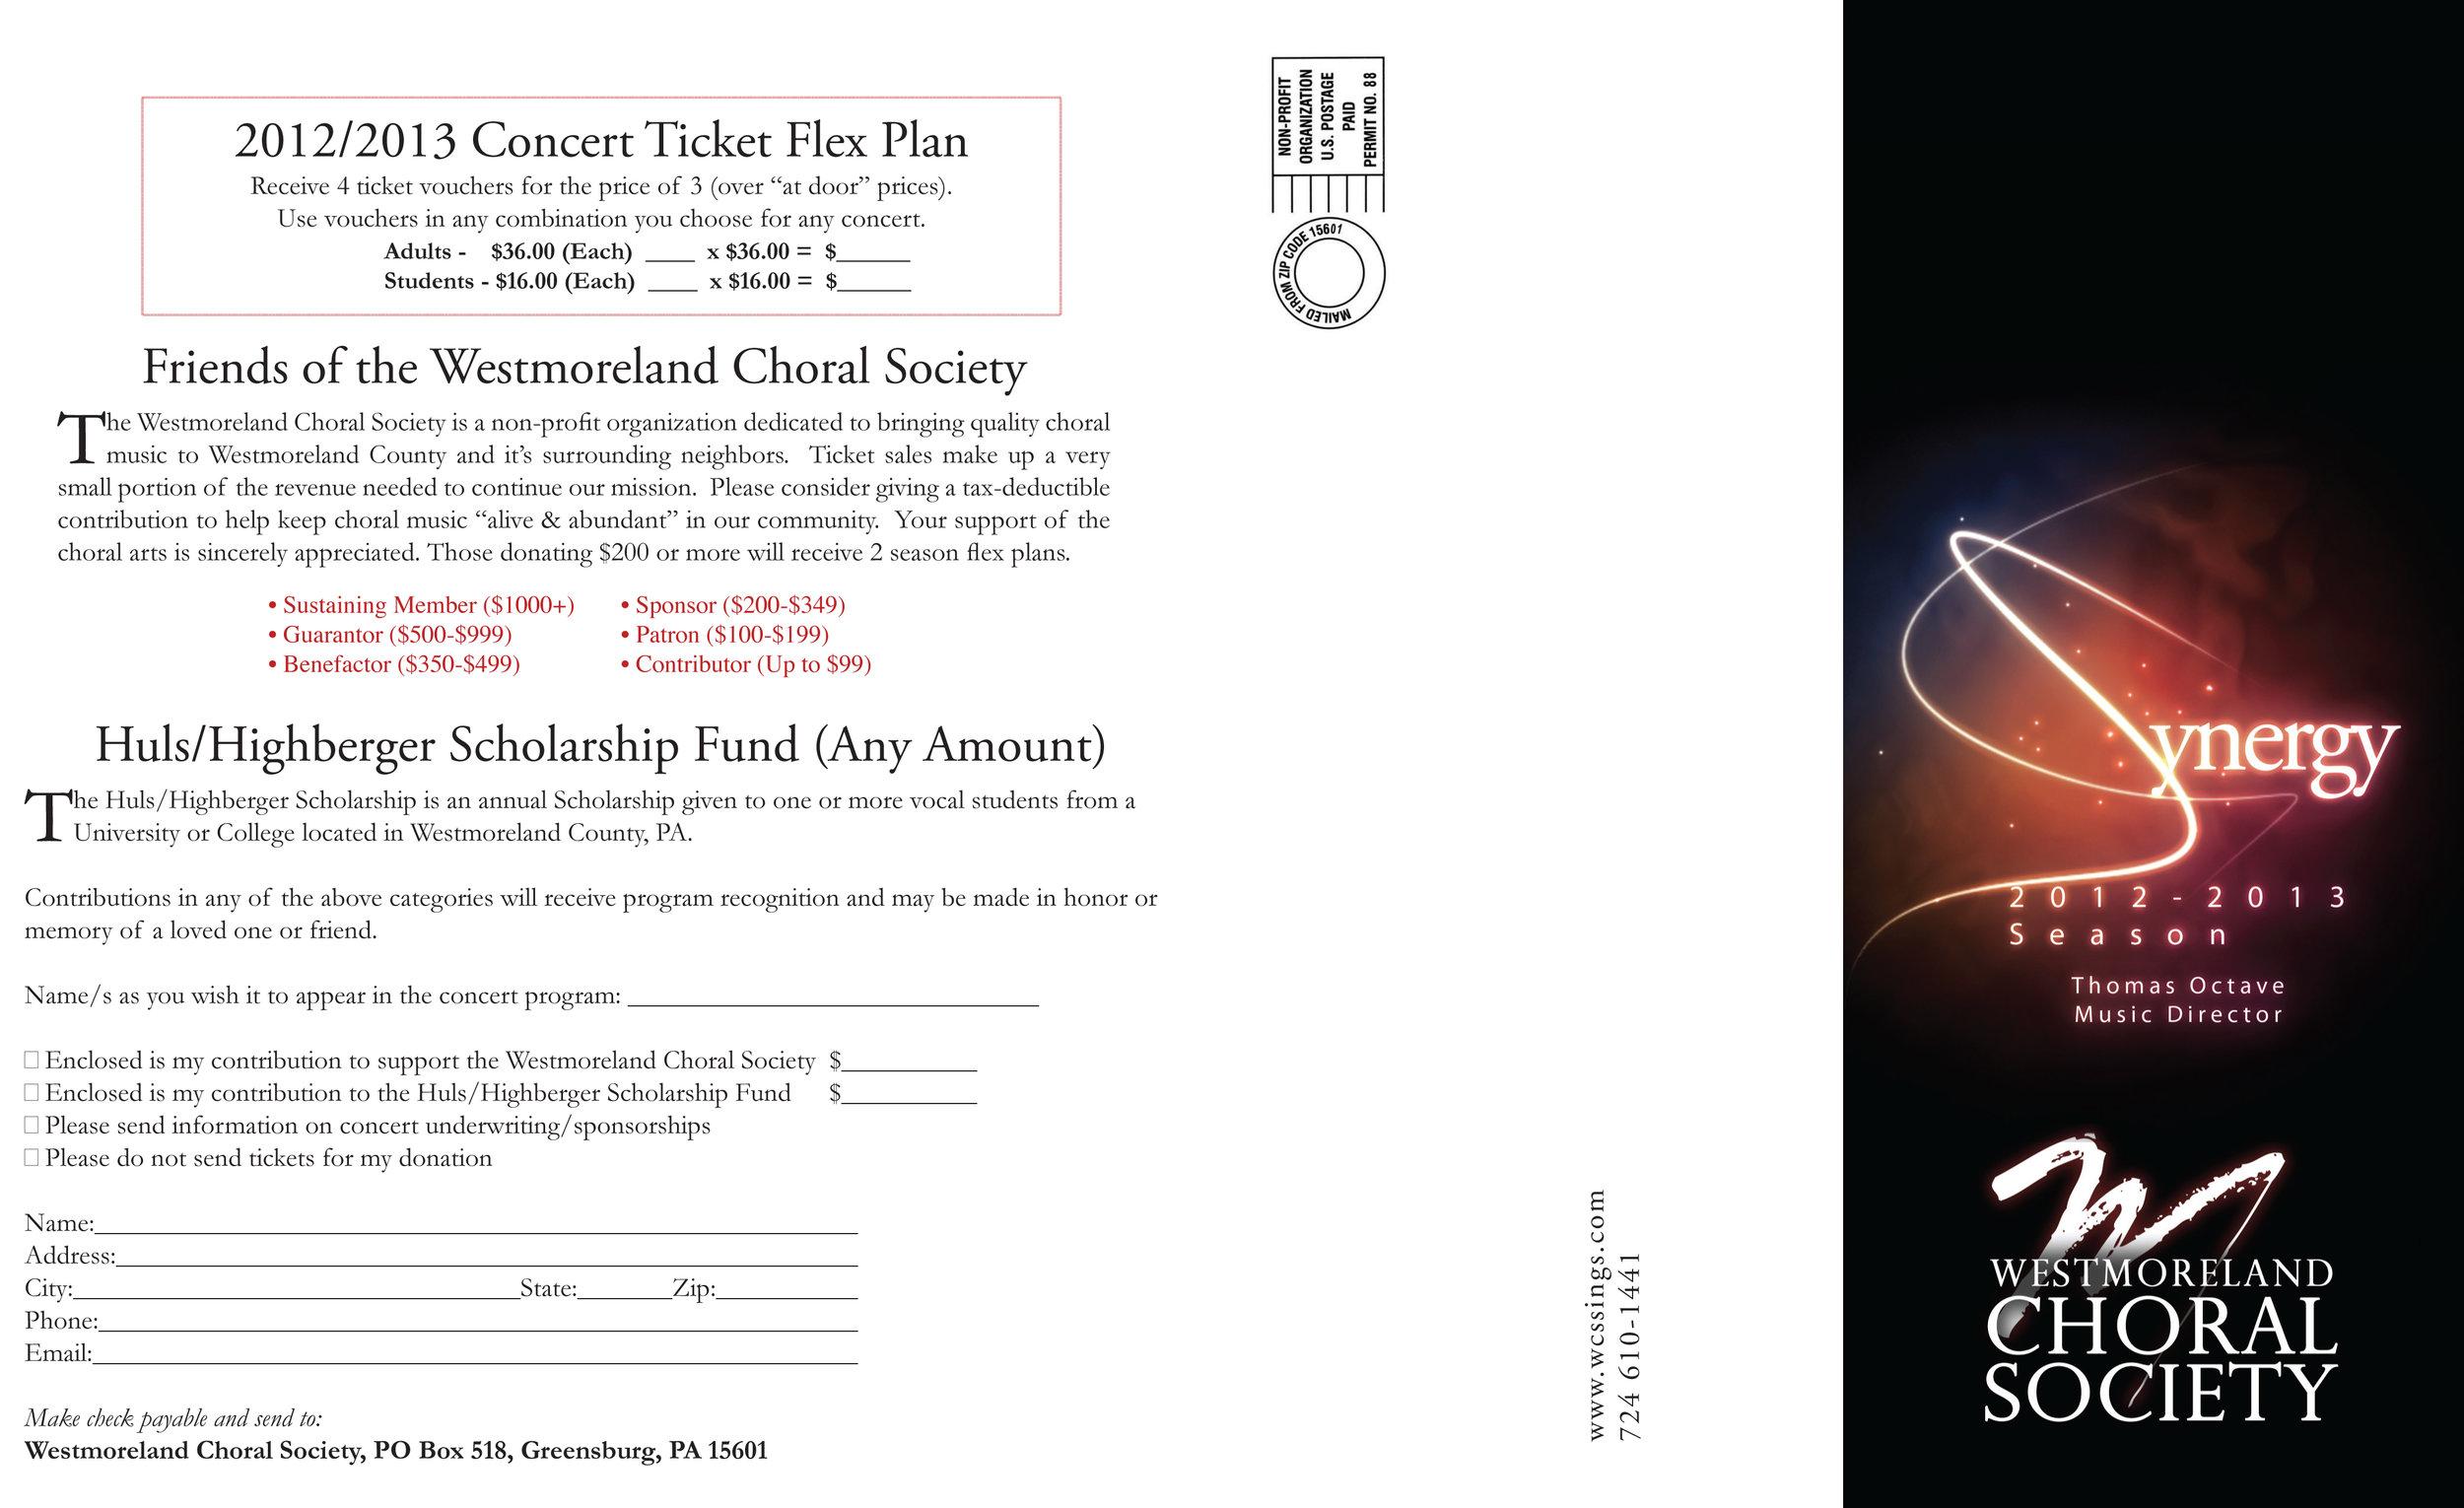 WCS_Brochure_2012_2013-1.jpg